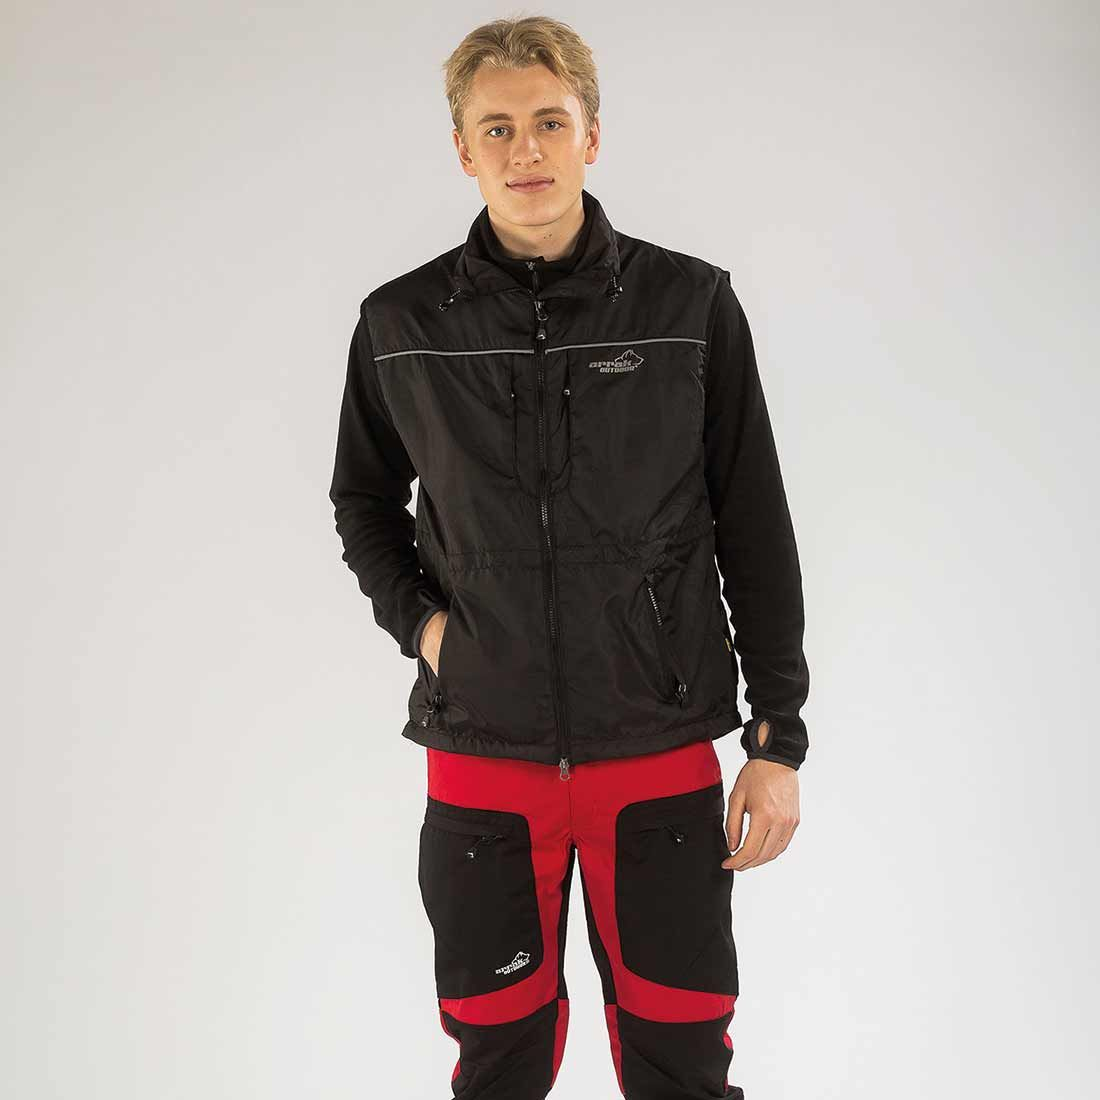 Arrak Jumper vest Black 3XL